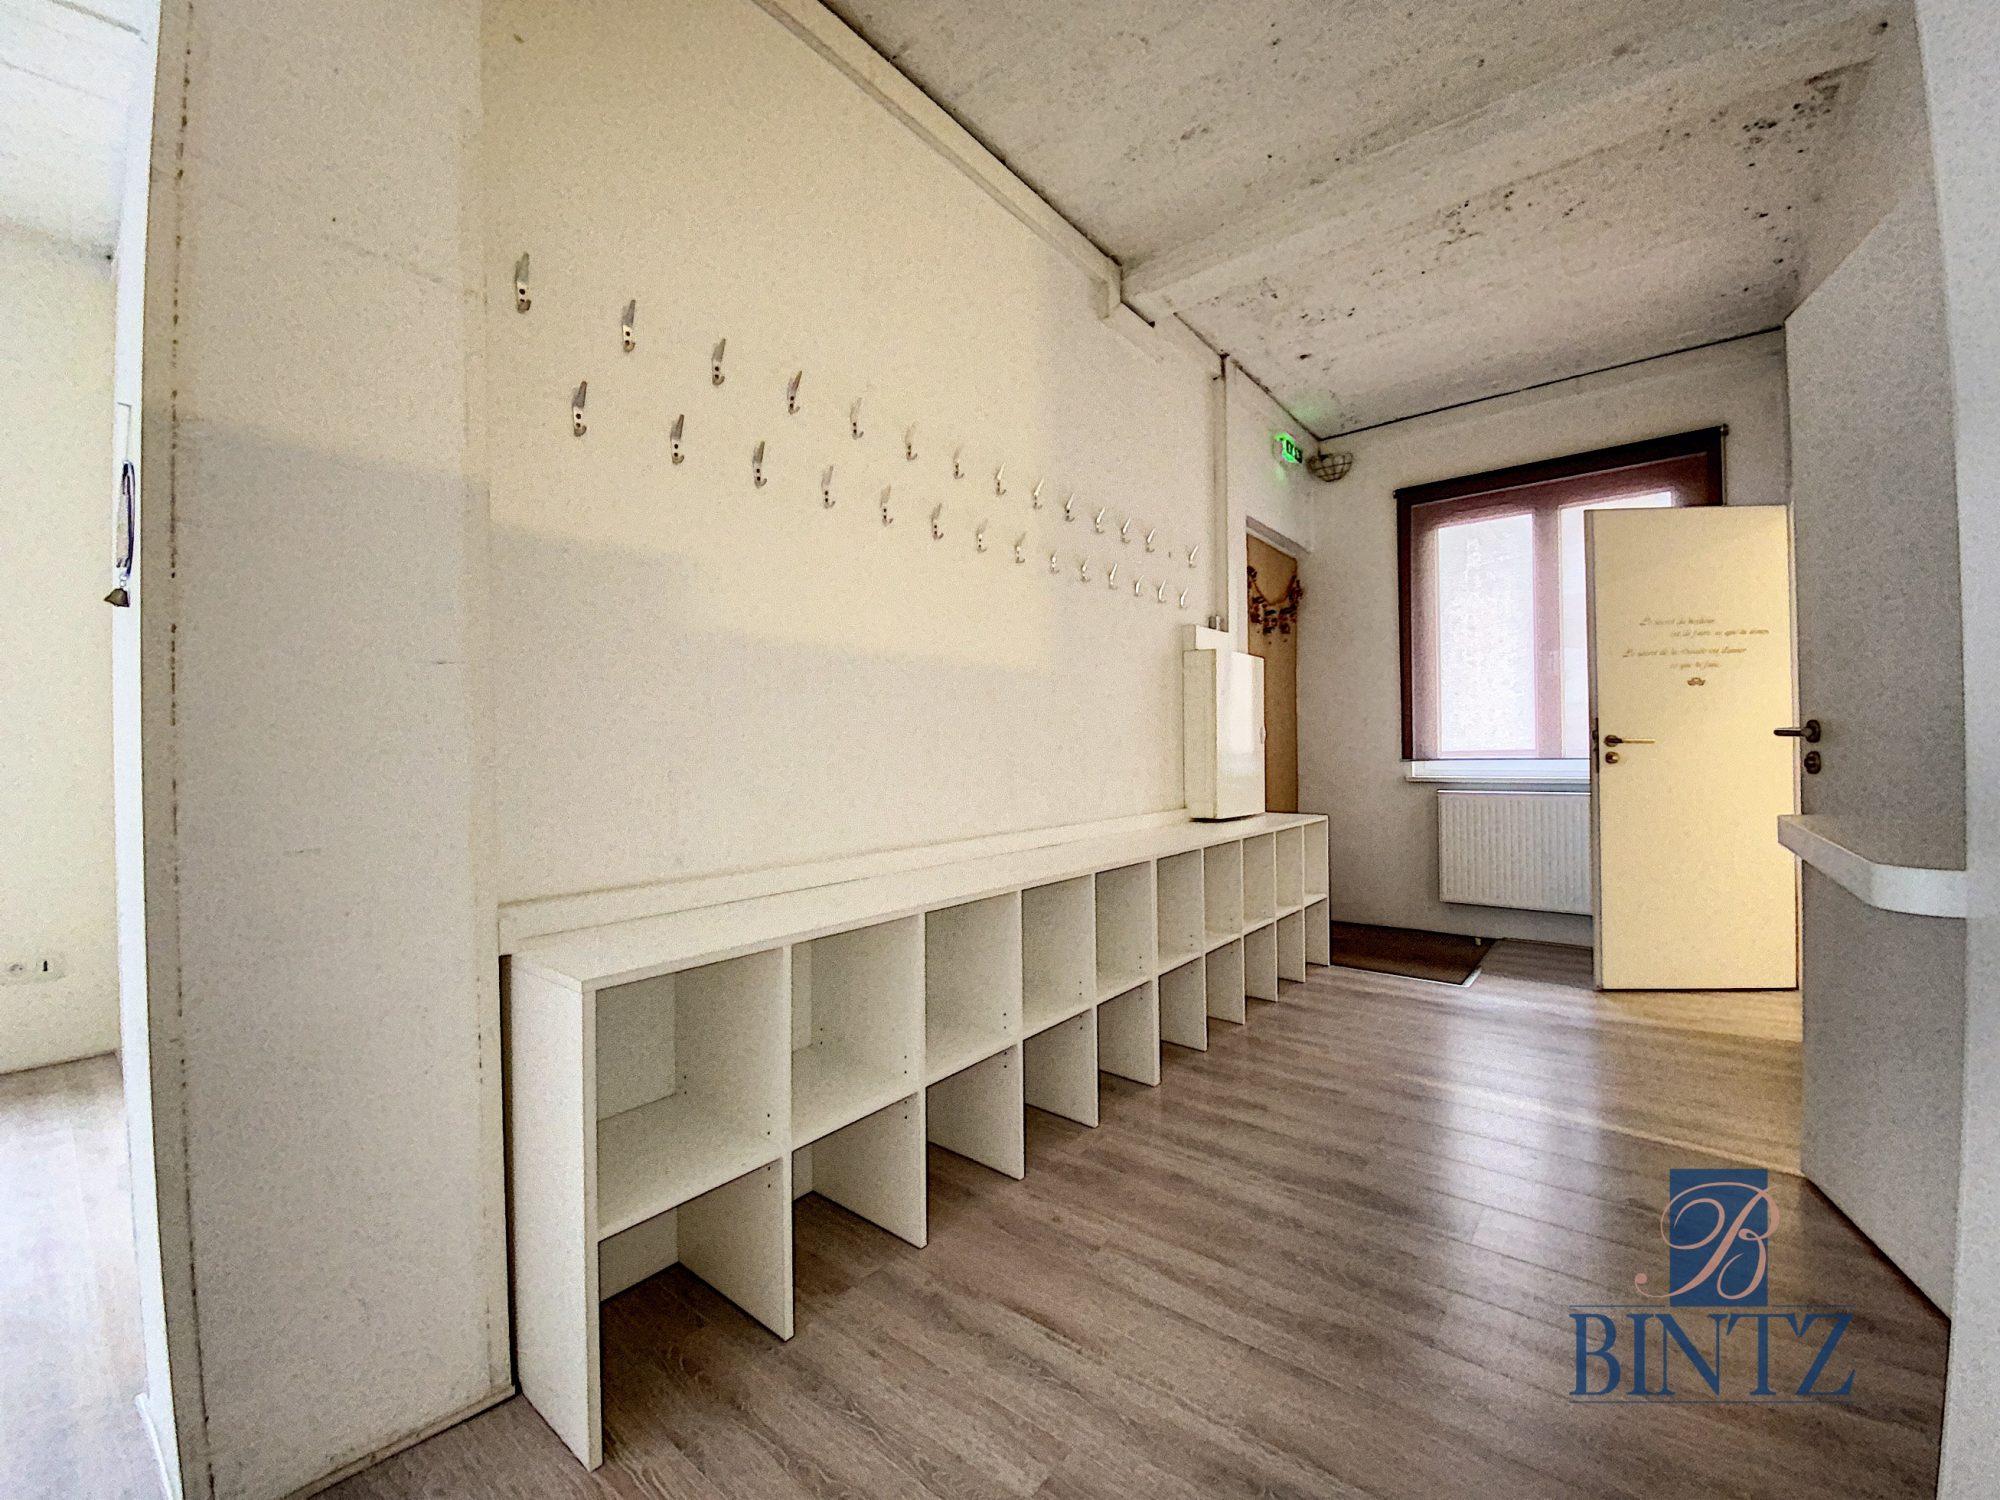 Plateau commercial à Louer Centre-ville - Devenez locataire en toute sérénité - Bintz Immobilier - 12